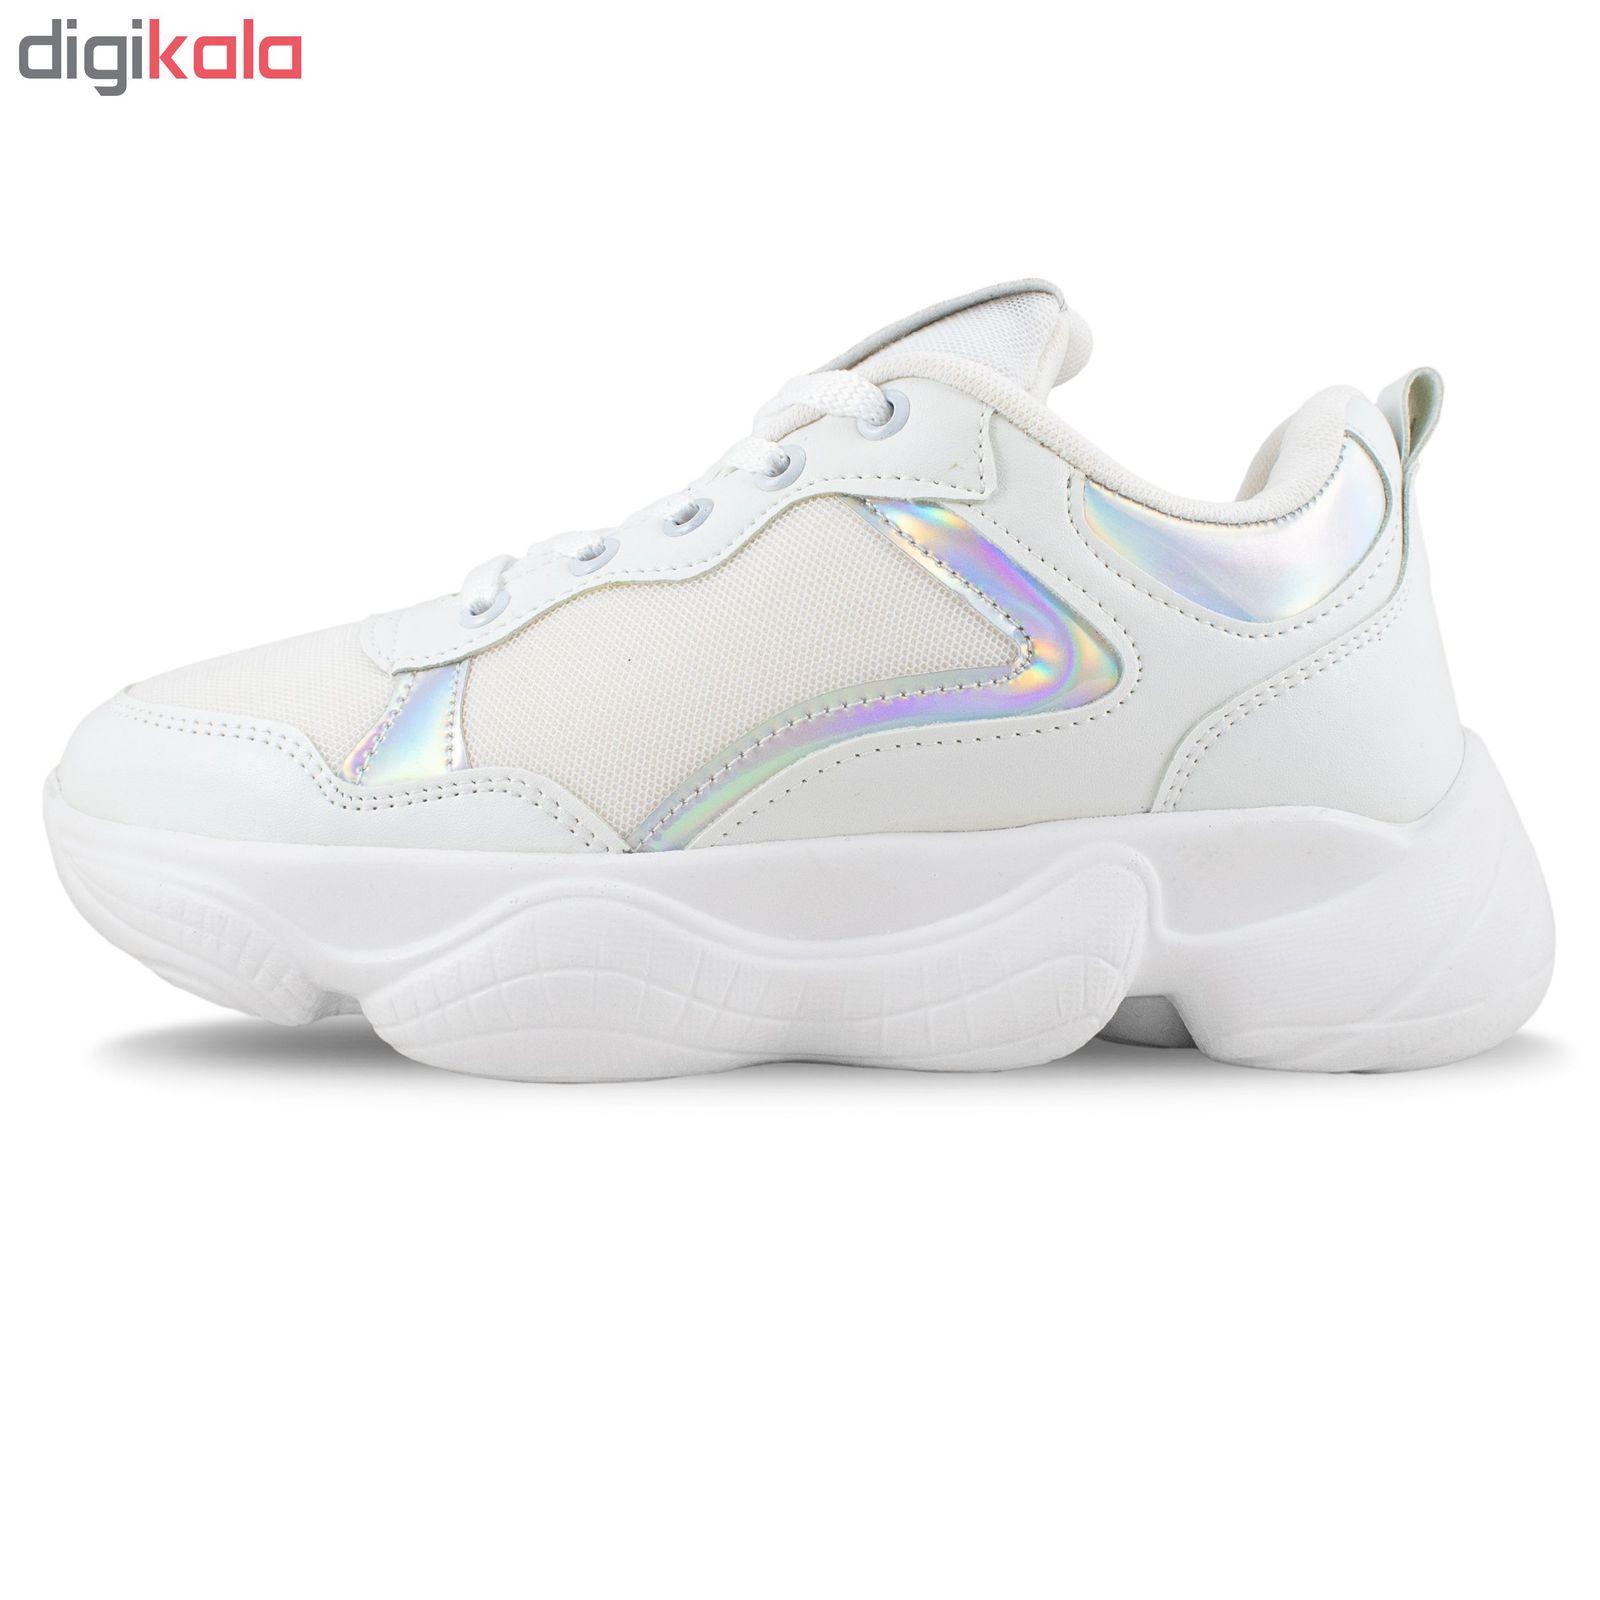 کفش مخصوص پیاده روی زنانهکد 4127